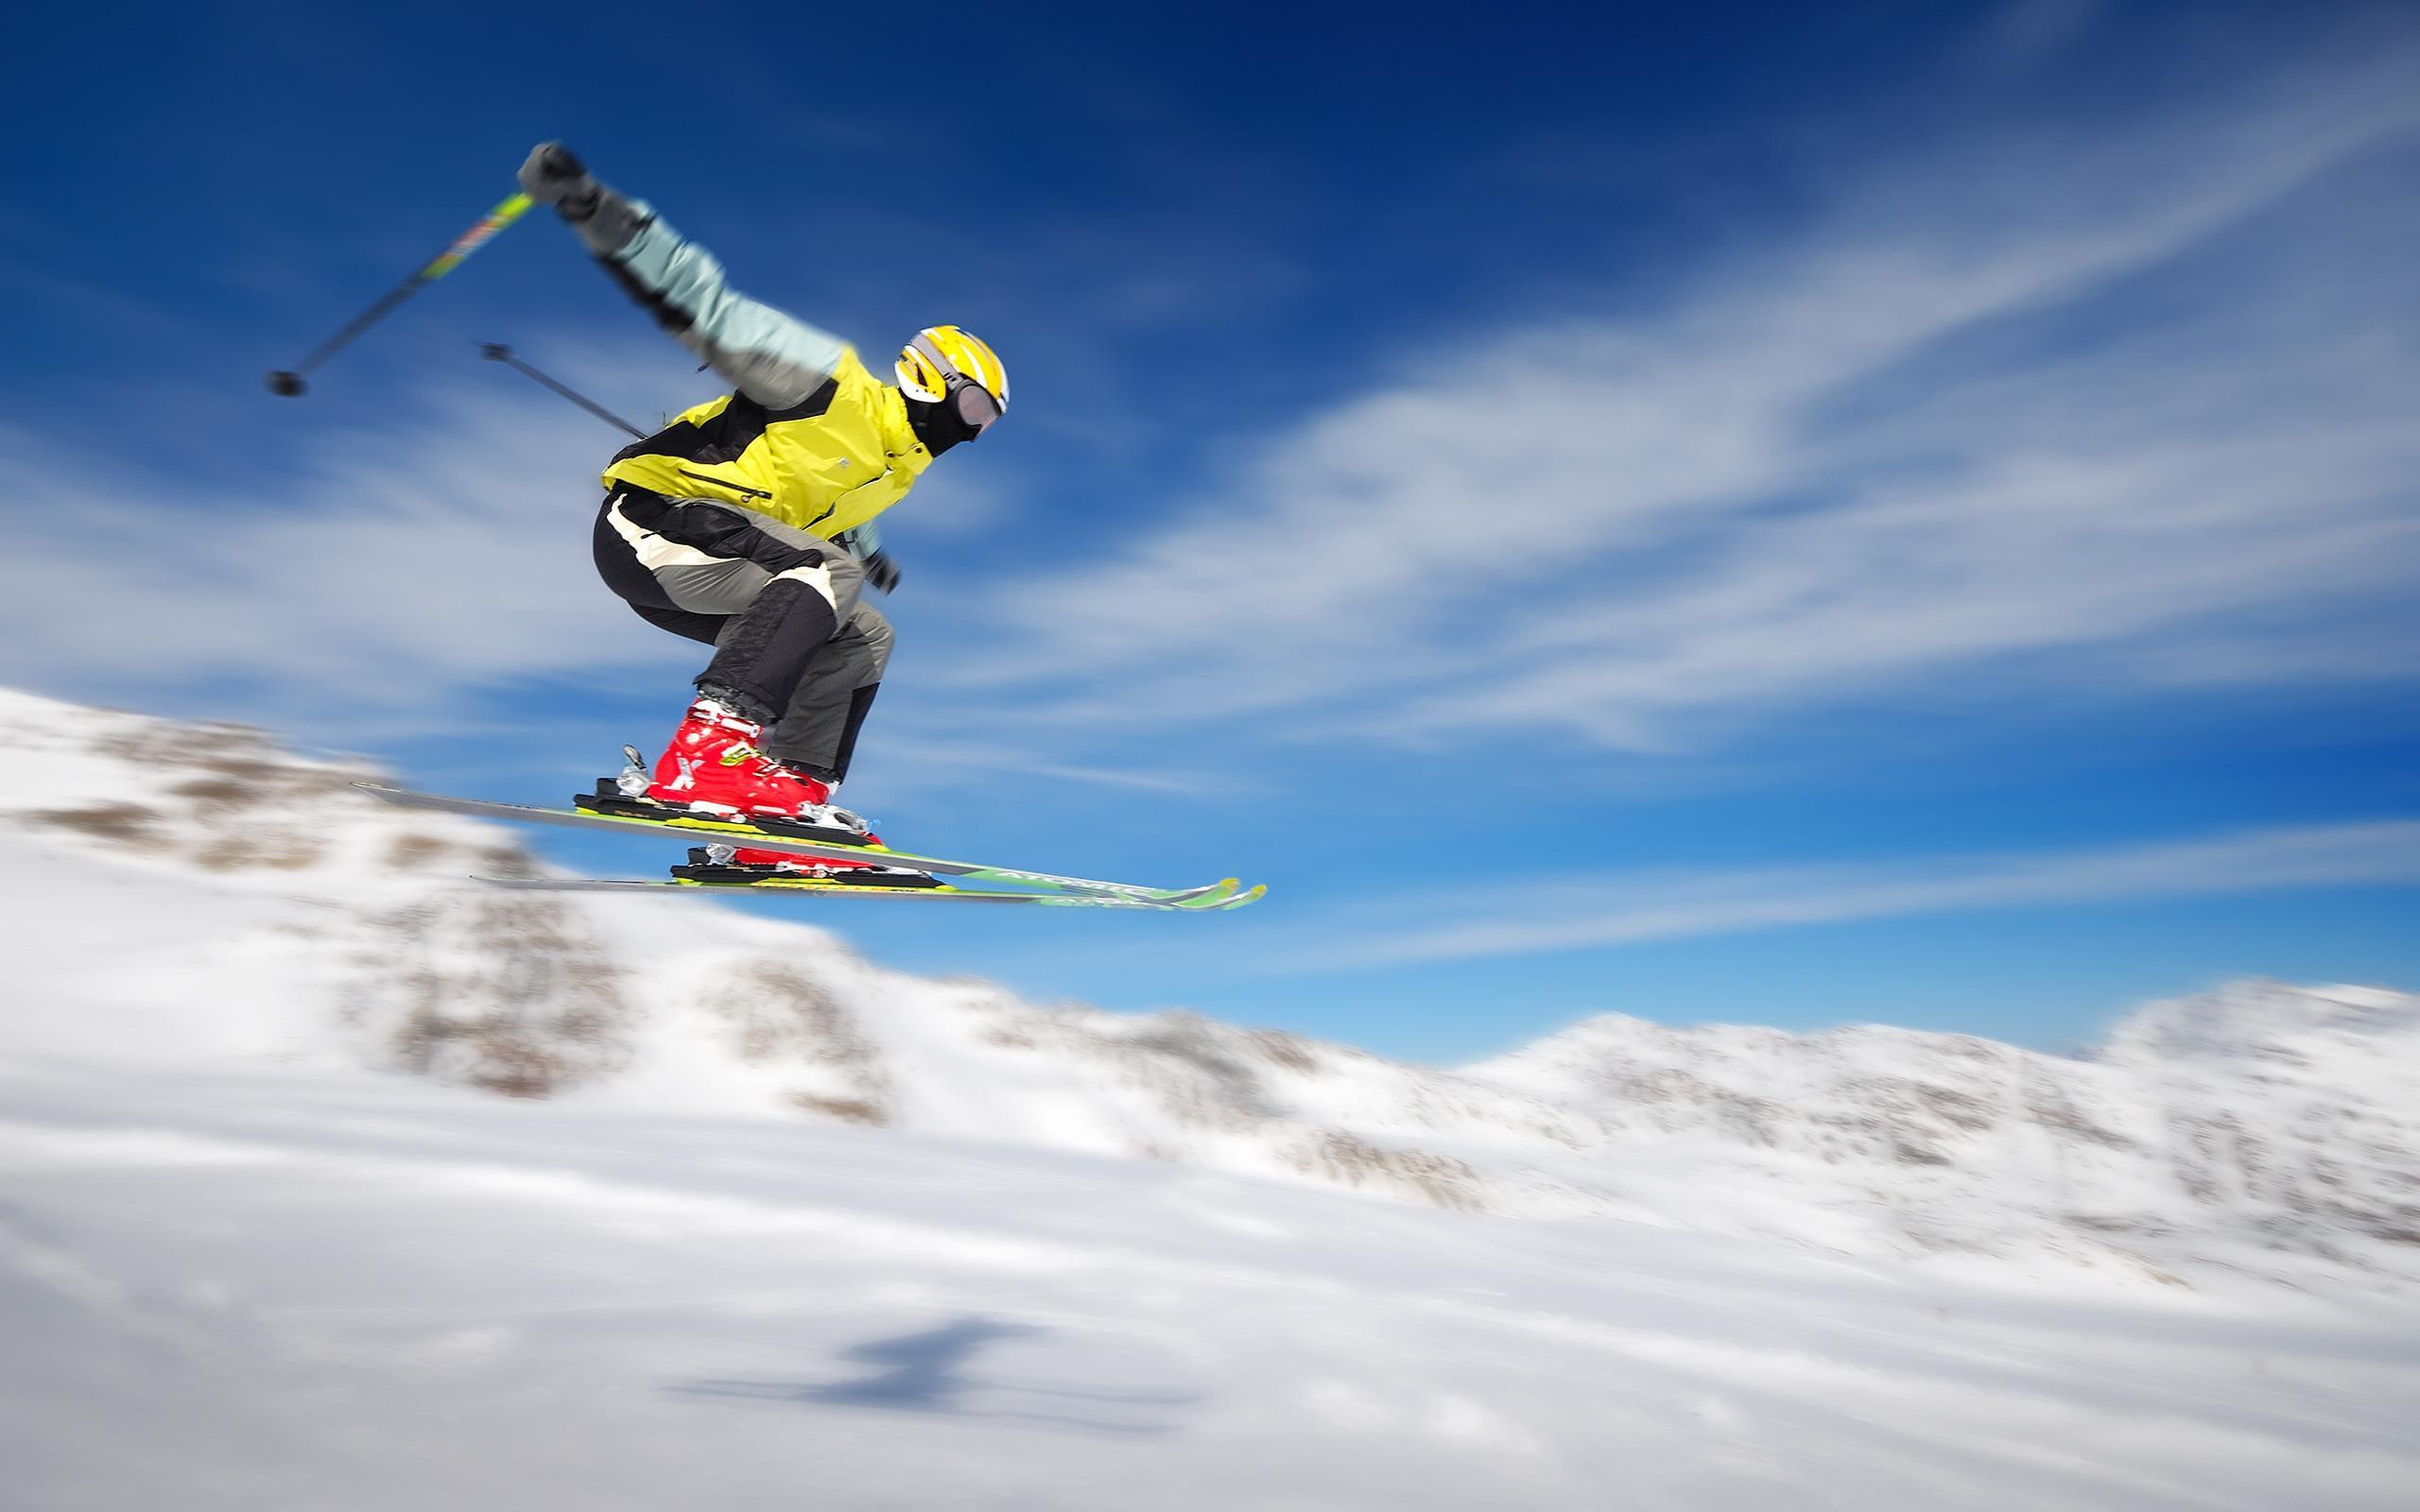 Обои лыжник, спуск, склон. Спорт foto 13